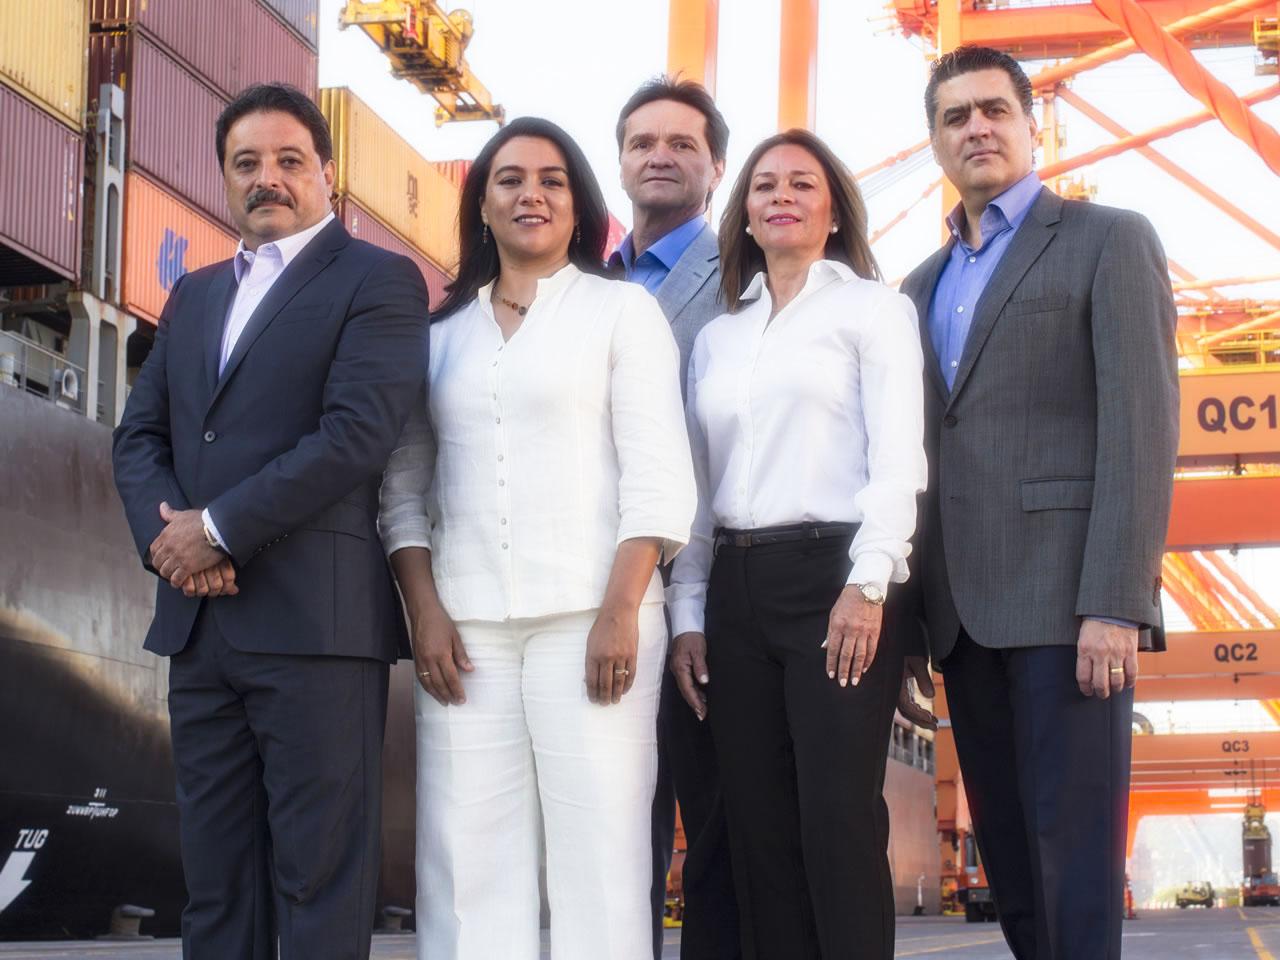 Grupo Alianza Estratégica Portuaria: El rostro de una logística exitosa